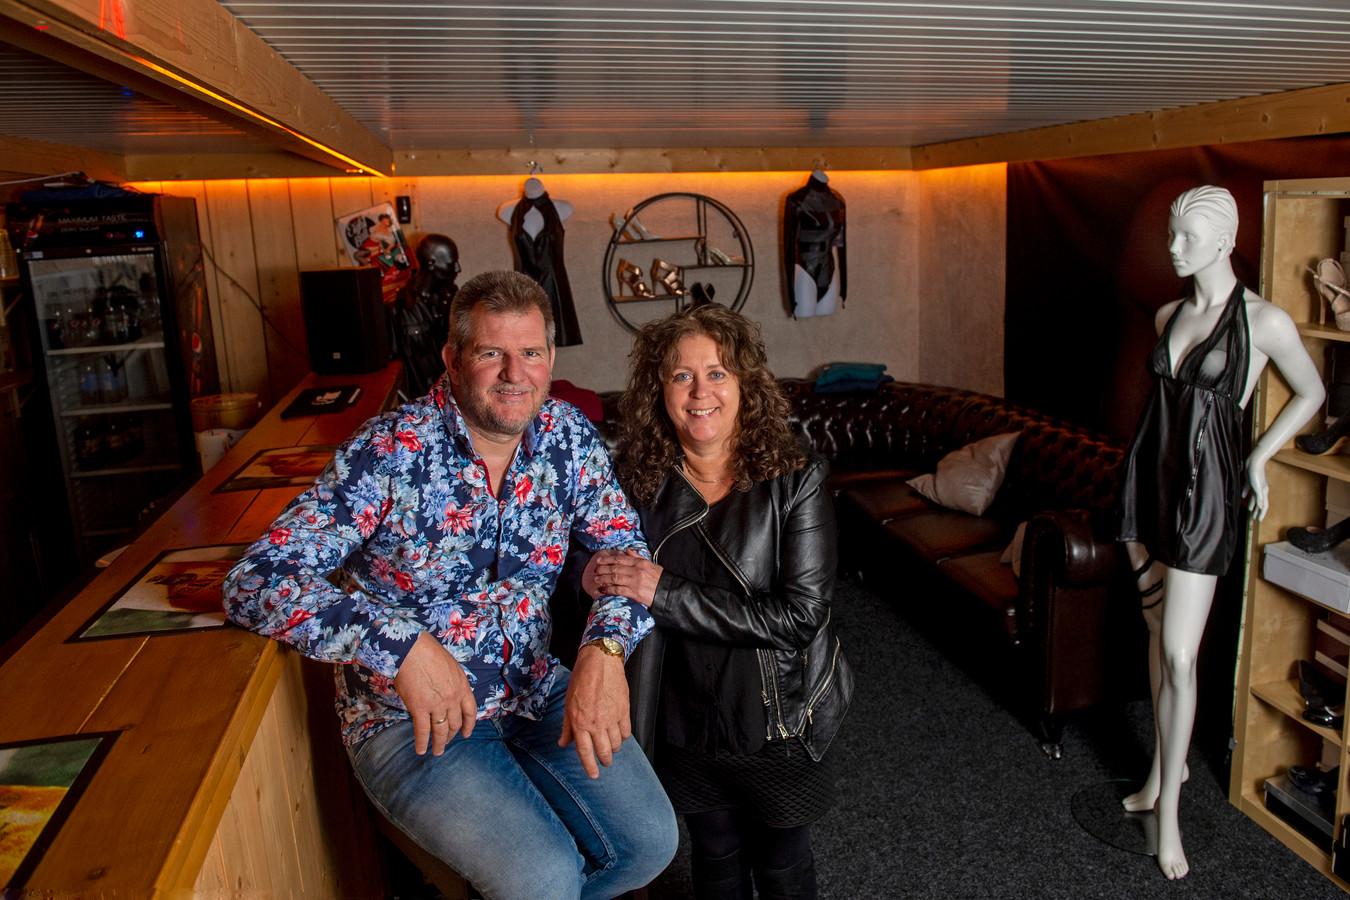 Tineke van Huis en Erik Immink in de bar van hun Parenclub Wilpenhof. Na maanden gesloten te zijn geweest, mochten ze afgelopen week eindelijk weer open.